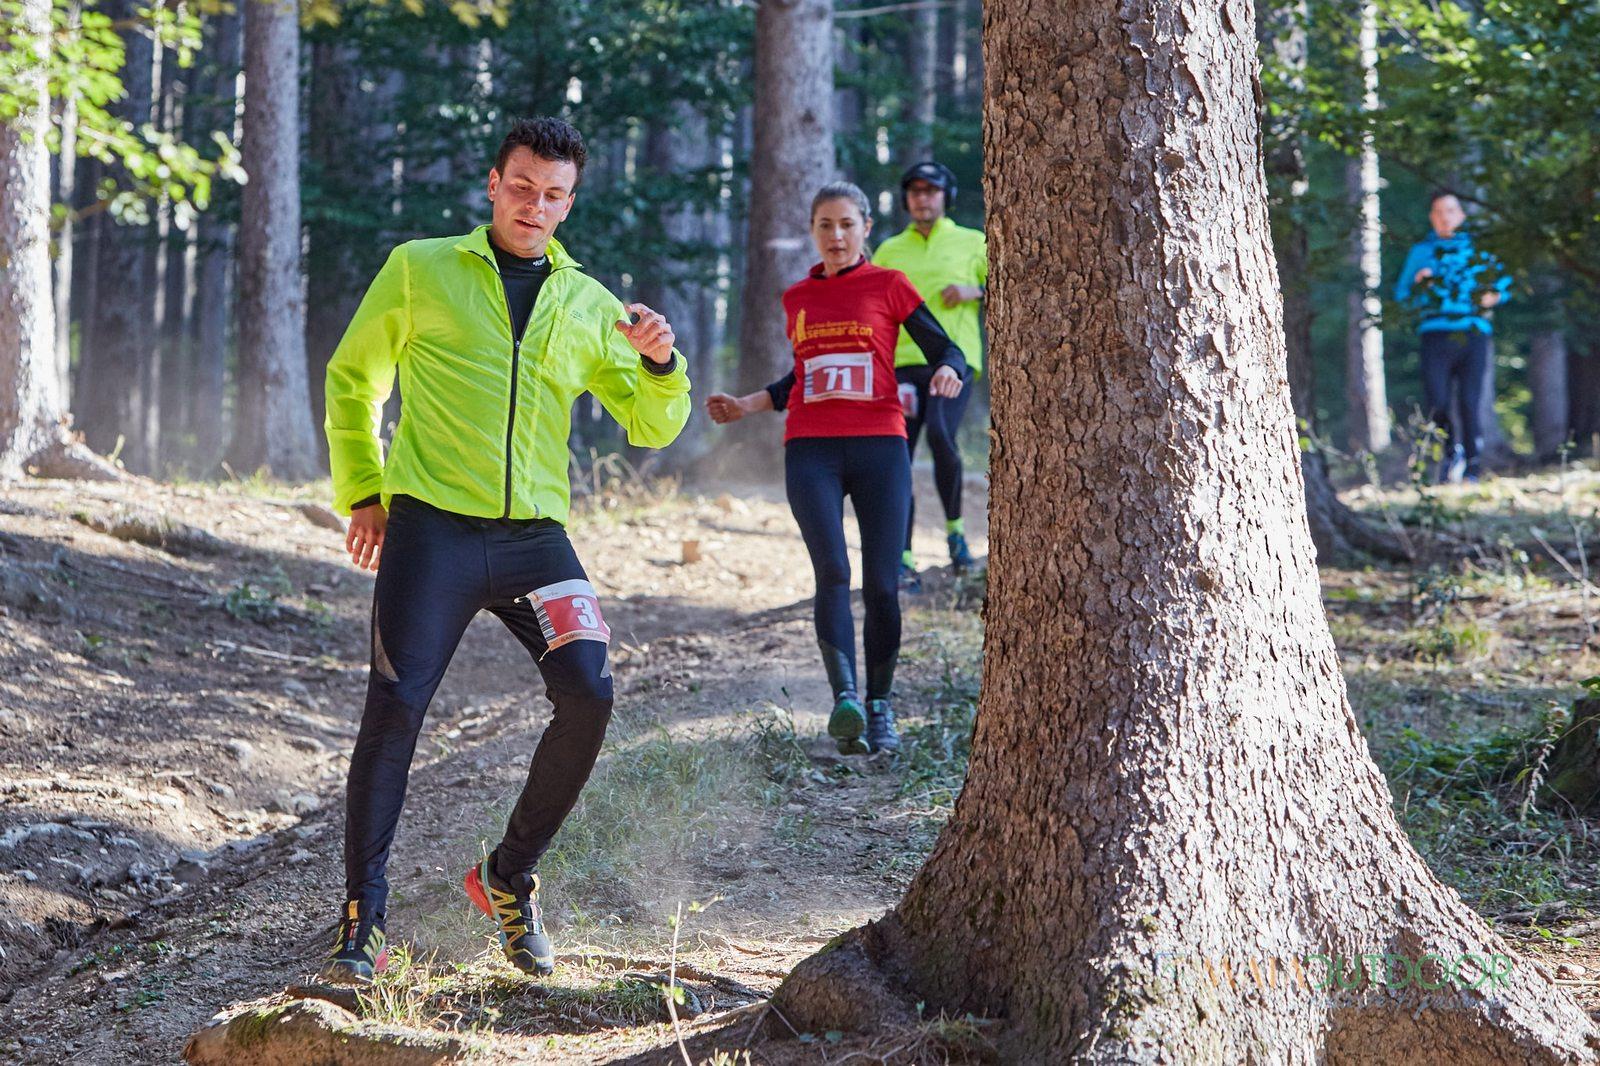 Semimaraton_Curtea_Domneasca_MaiaOutdoor.ro_IMG_5973-min